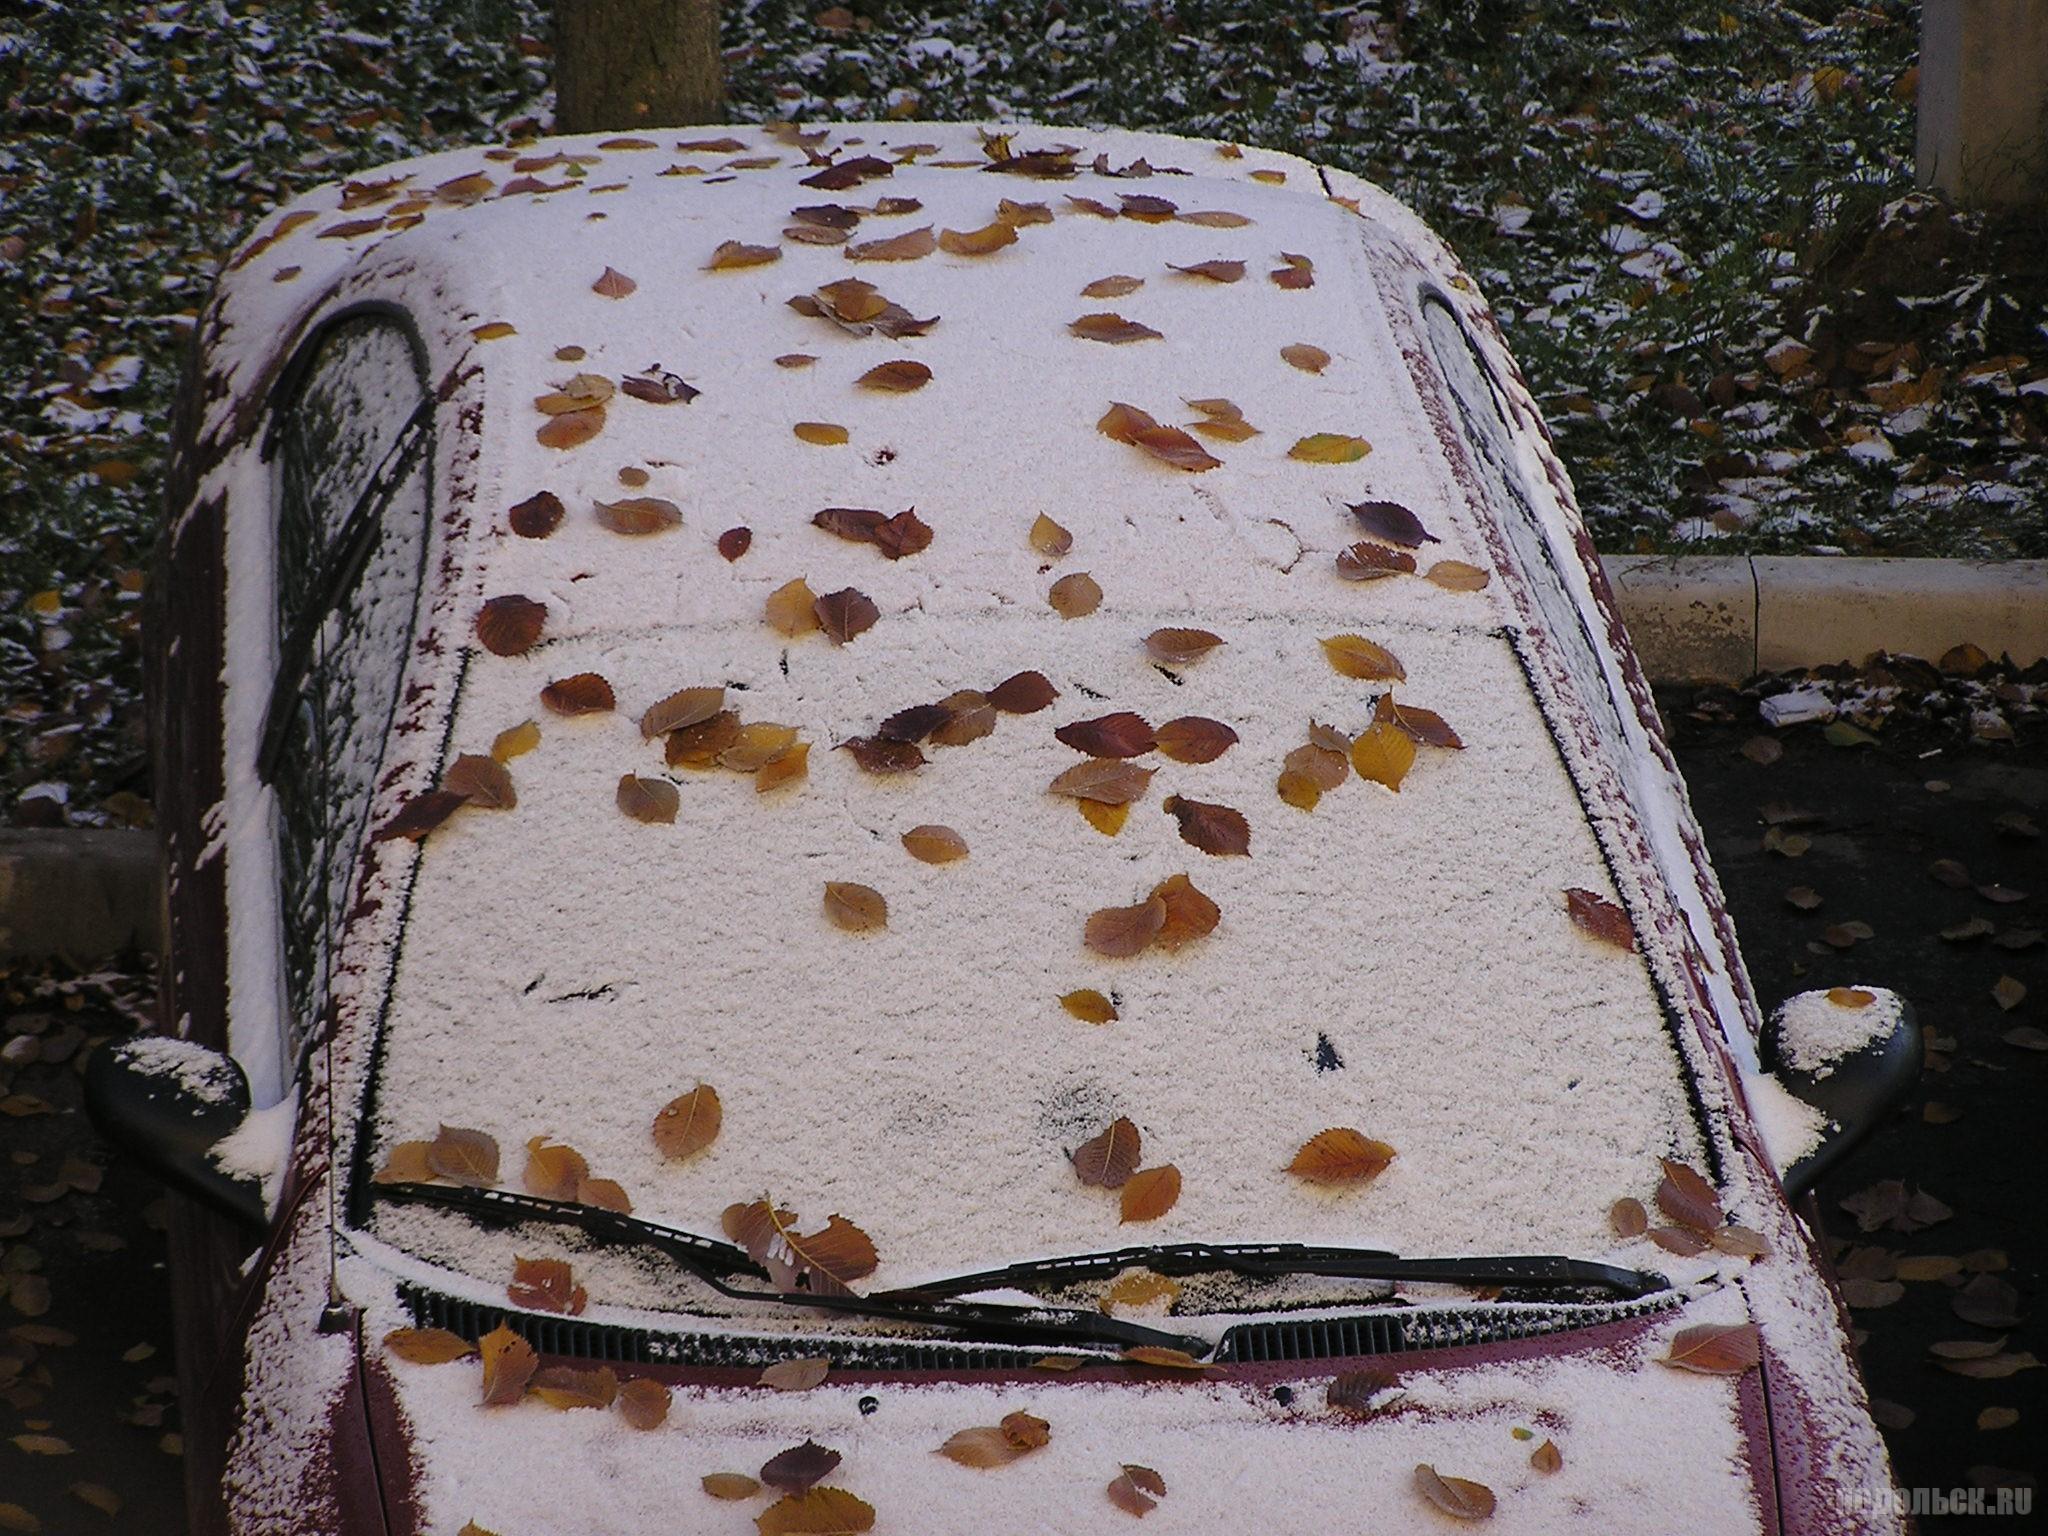 Первый снег в Подольске 22 октября 2017 г.